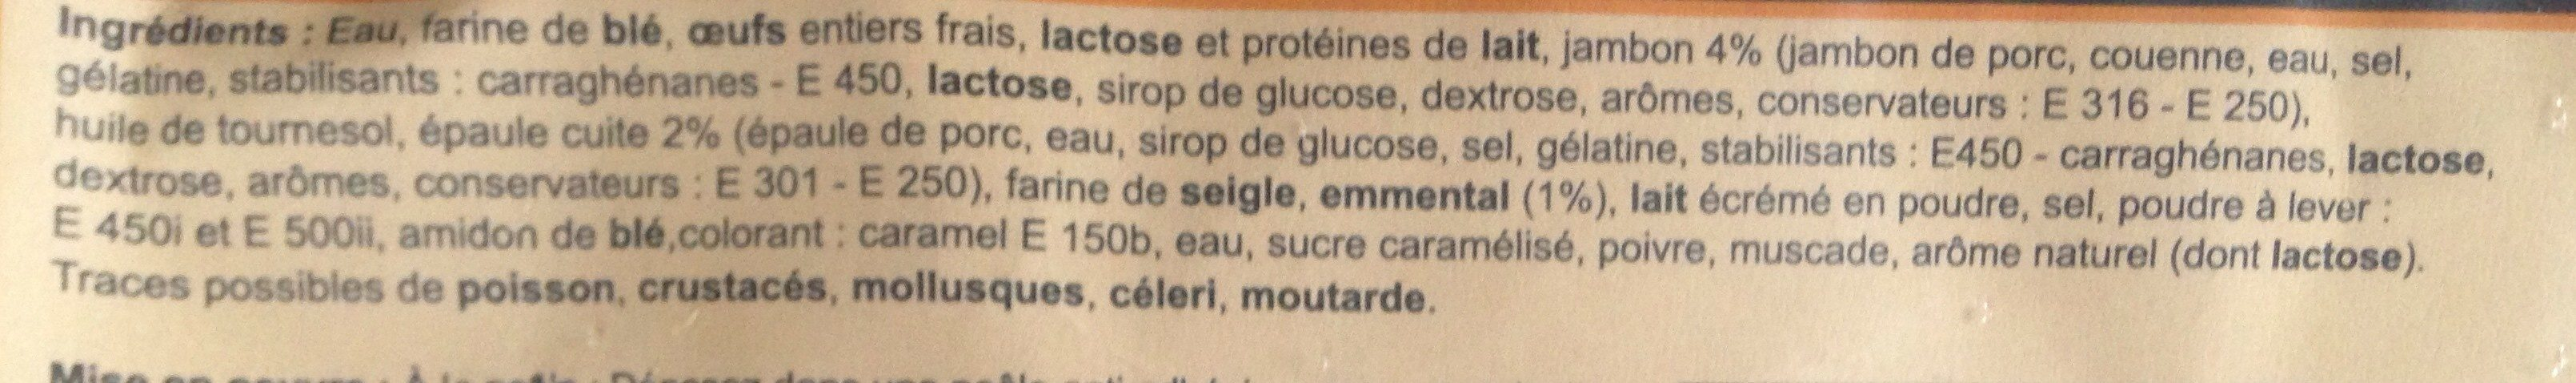 10 crèpes jambon emmental - Ingrédients - fr